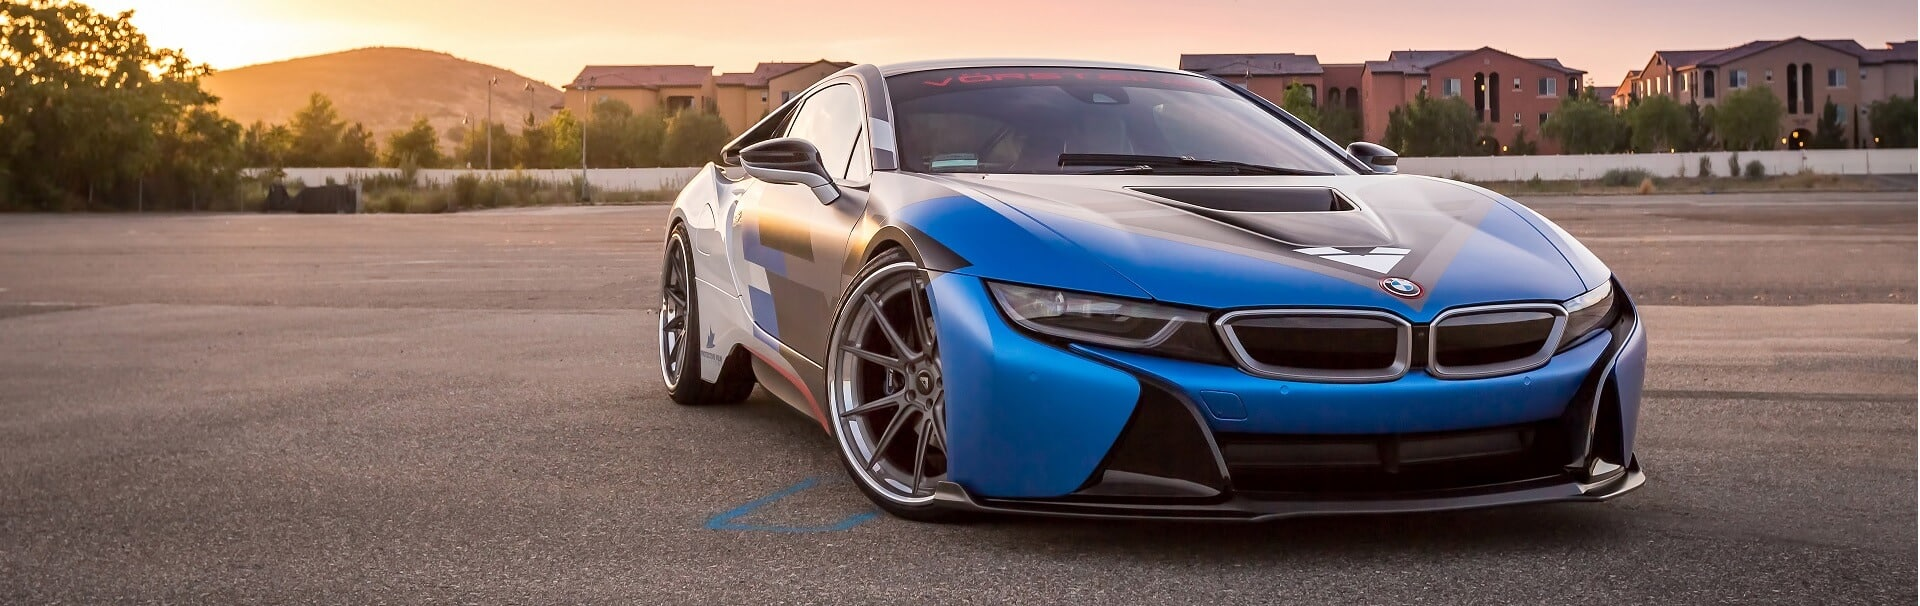 Rent Corvette Stingray >> BMW i8 Rental Las Vegas - Las Vegas Exotic & Sports Car Rent